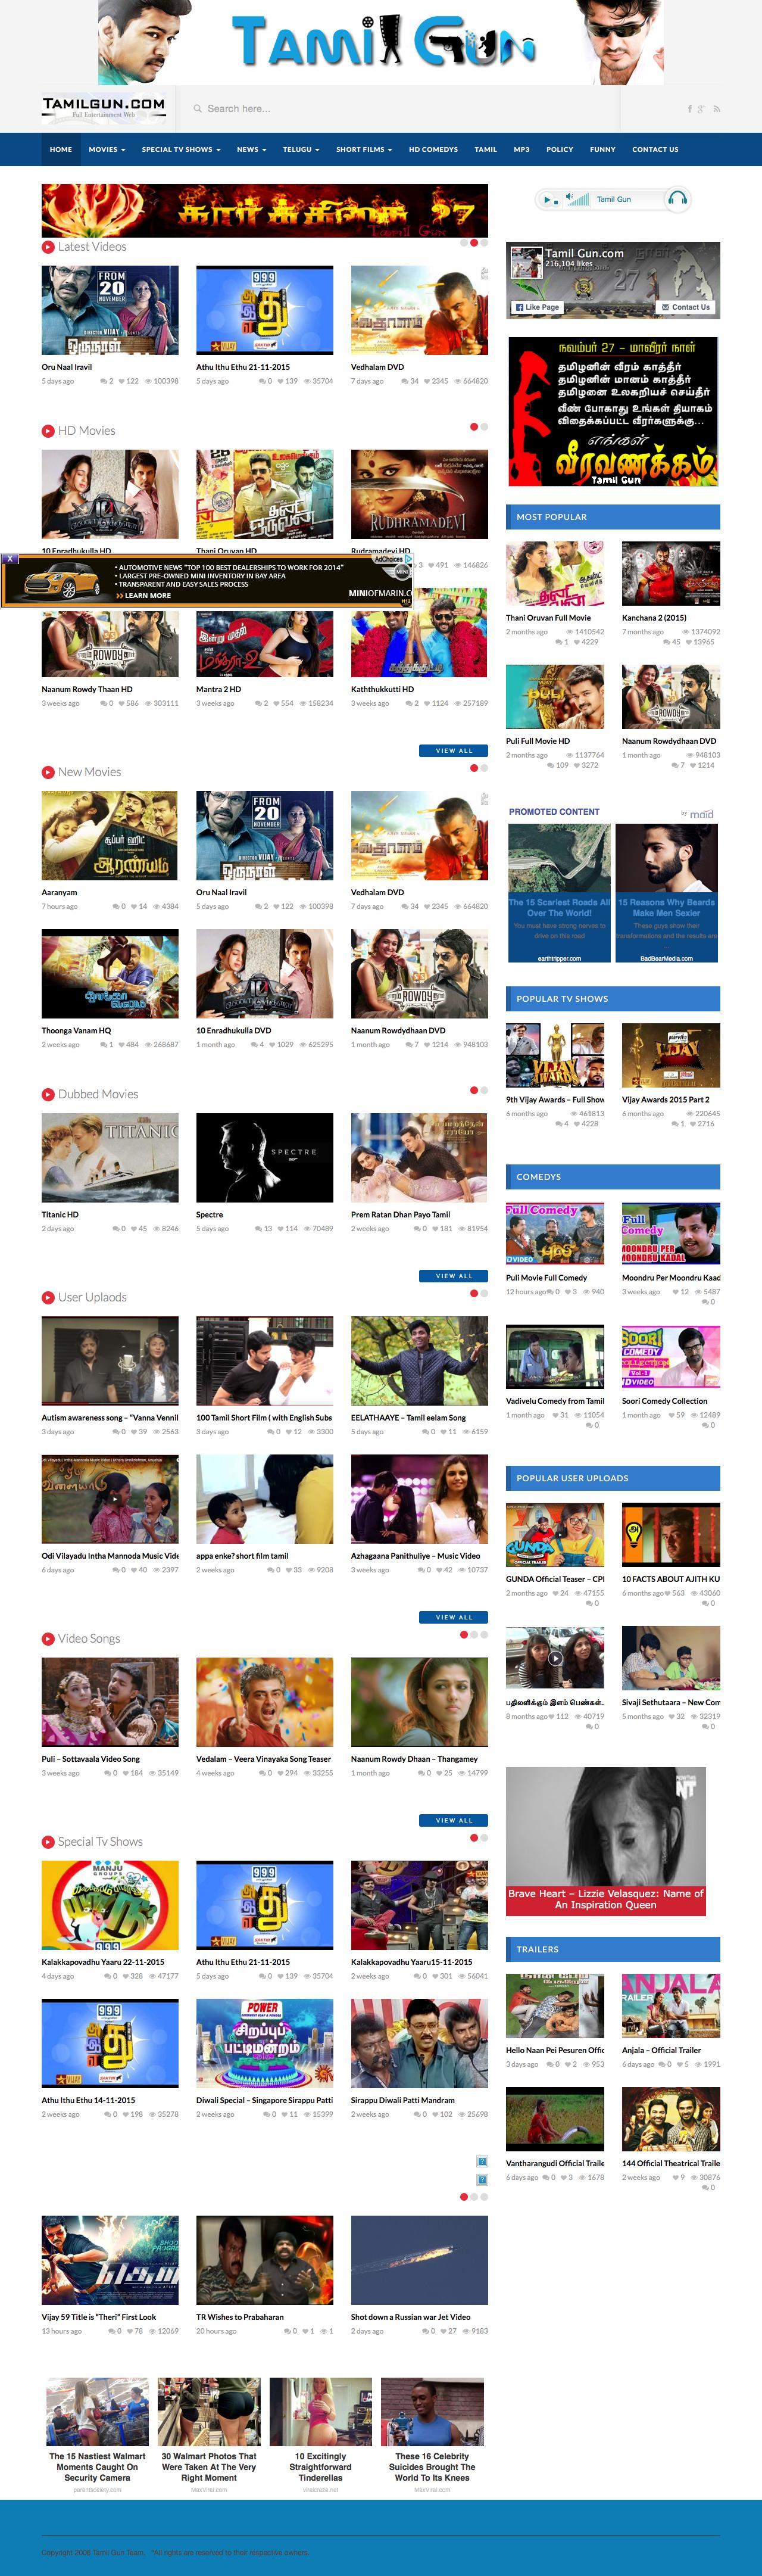 Web Design Example | A page on tamilgun com | Crayon